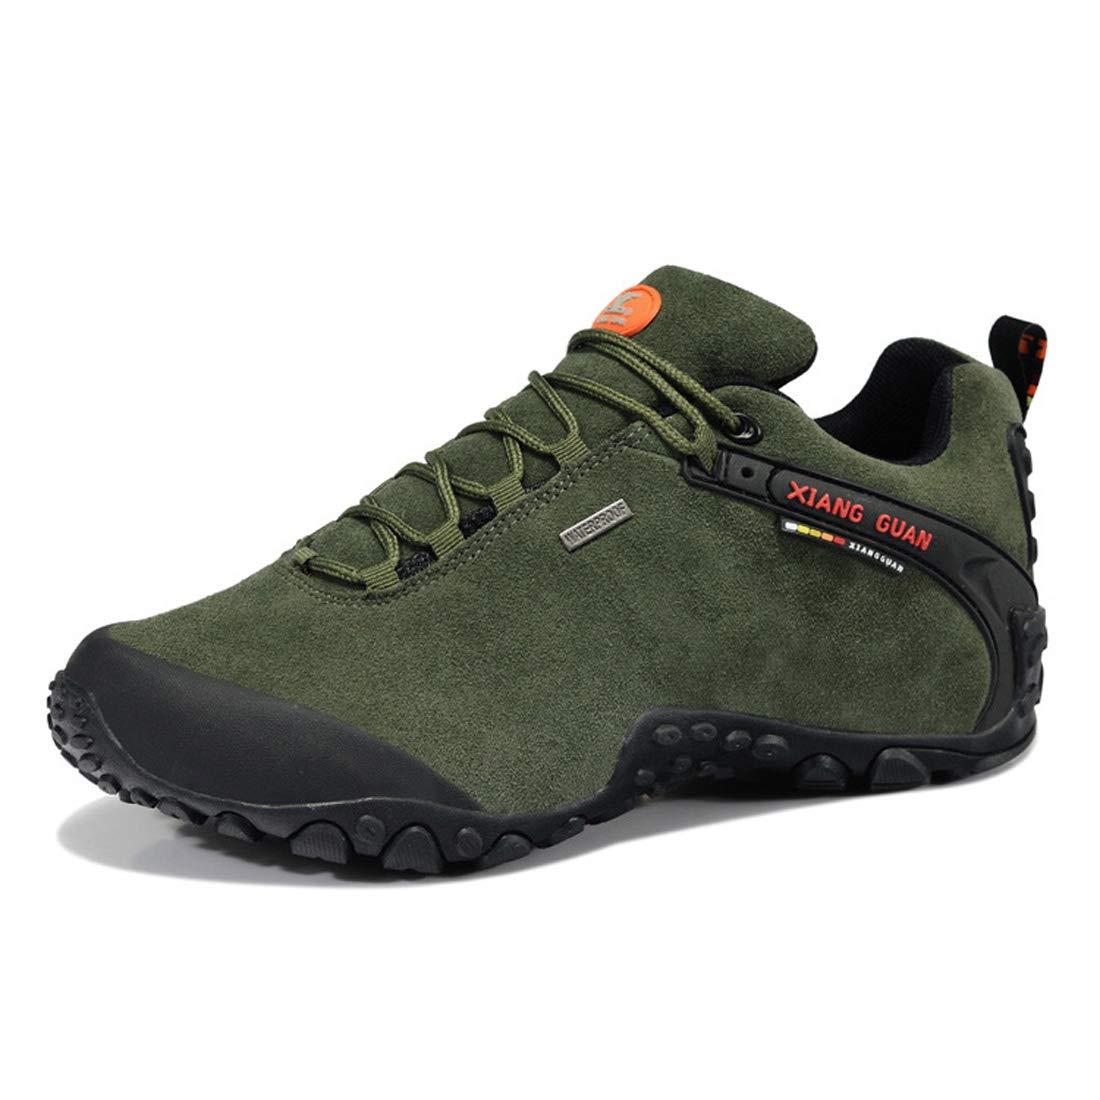 XIANG GUAN Herren Outdoor Footwear Wildleder Wasserdicht Atmungsaktiv Schuhe Trekking Reisen Wandern Gehen Turnschuhe